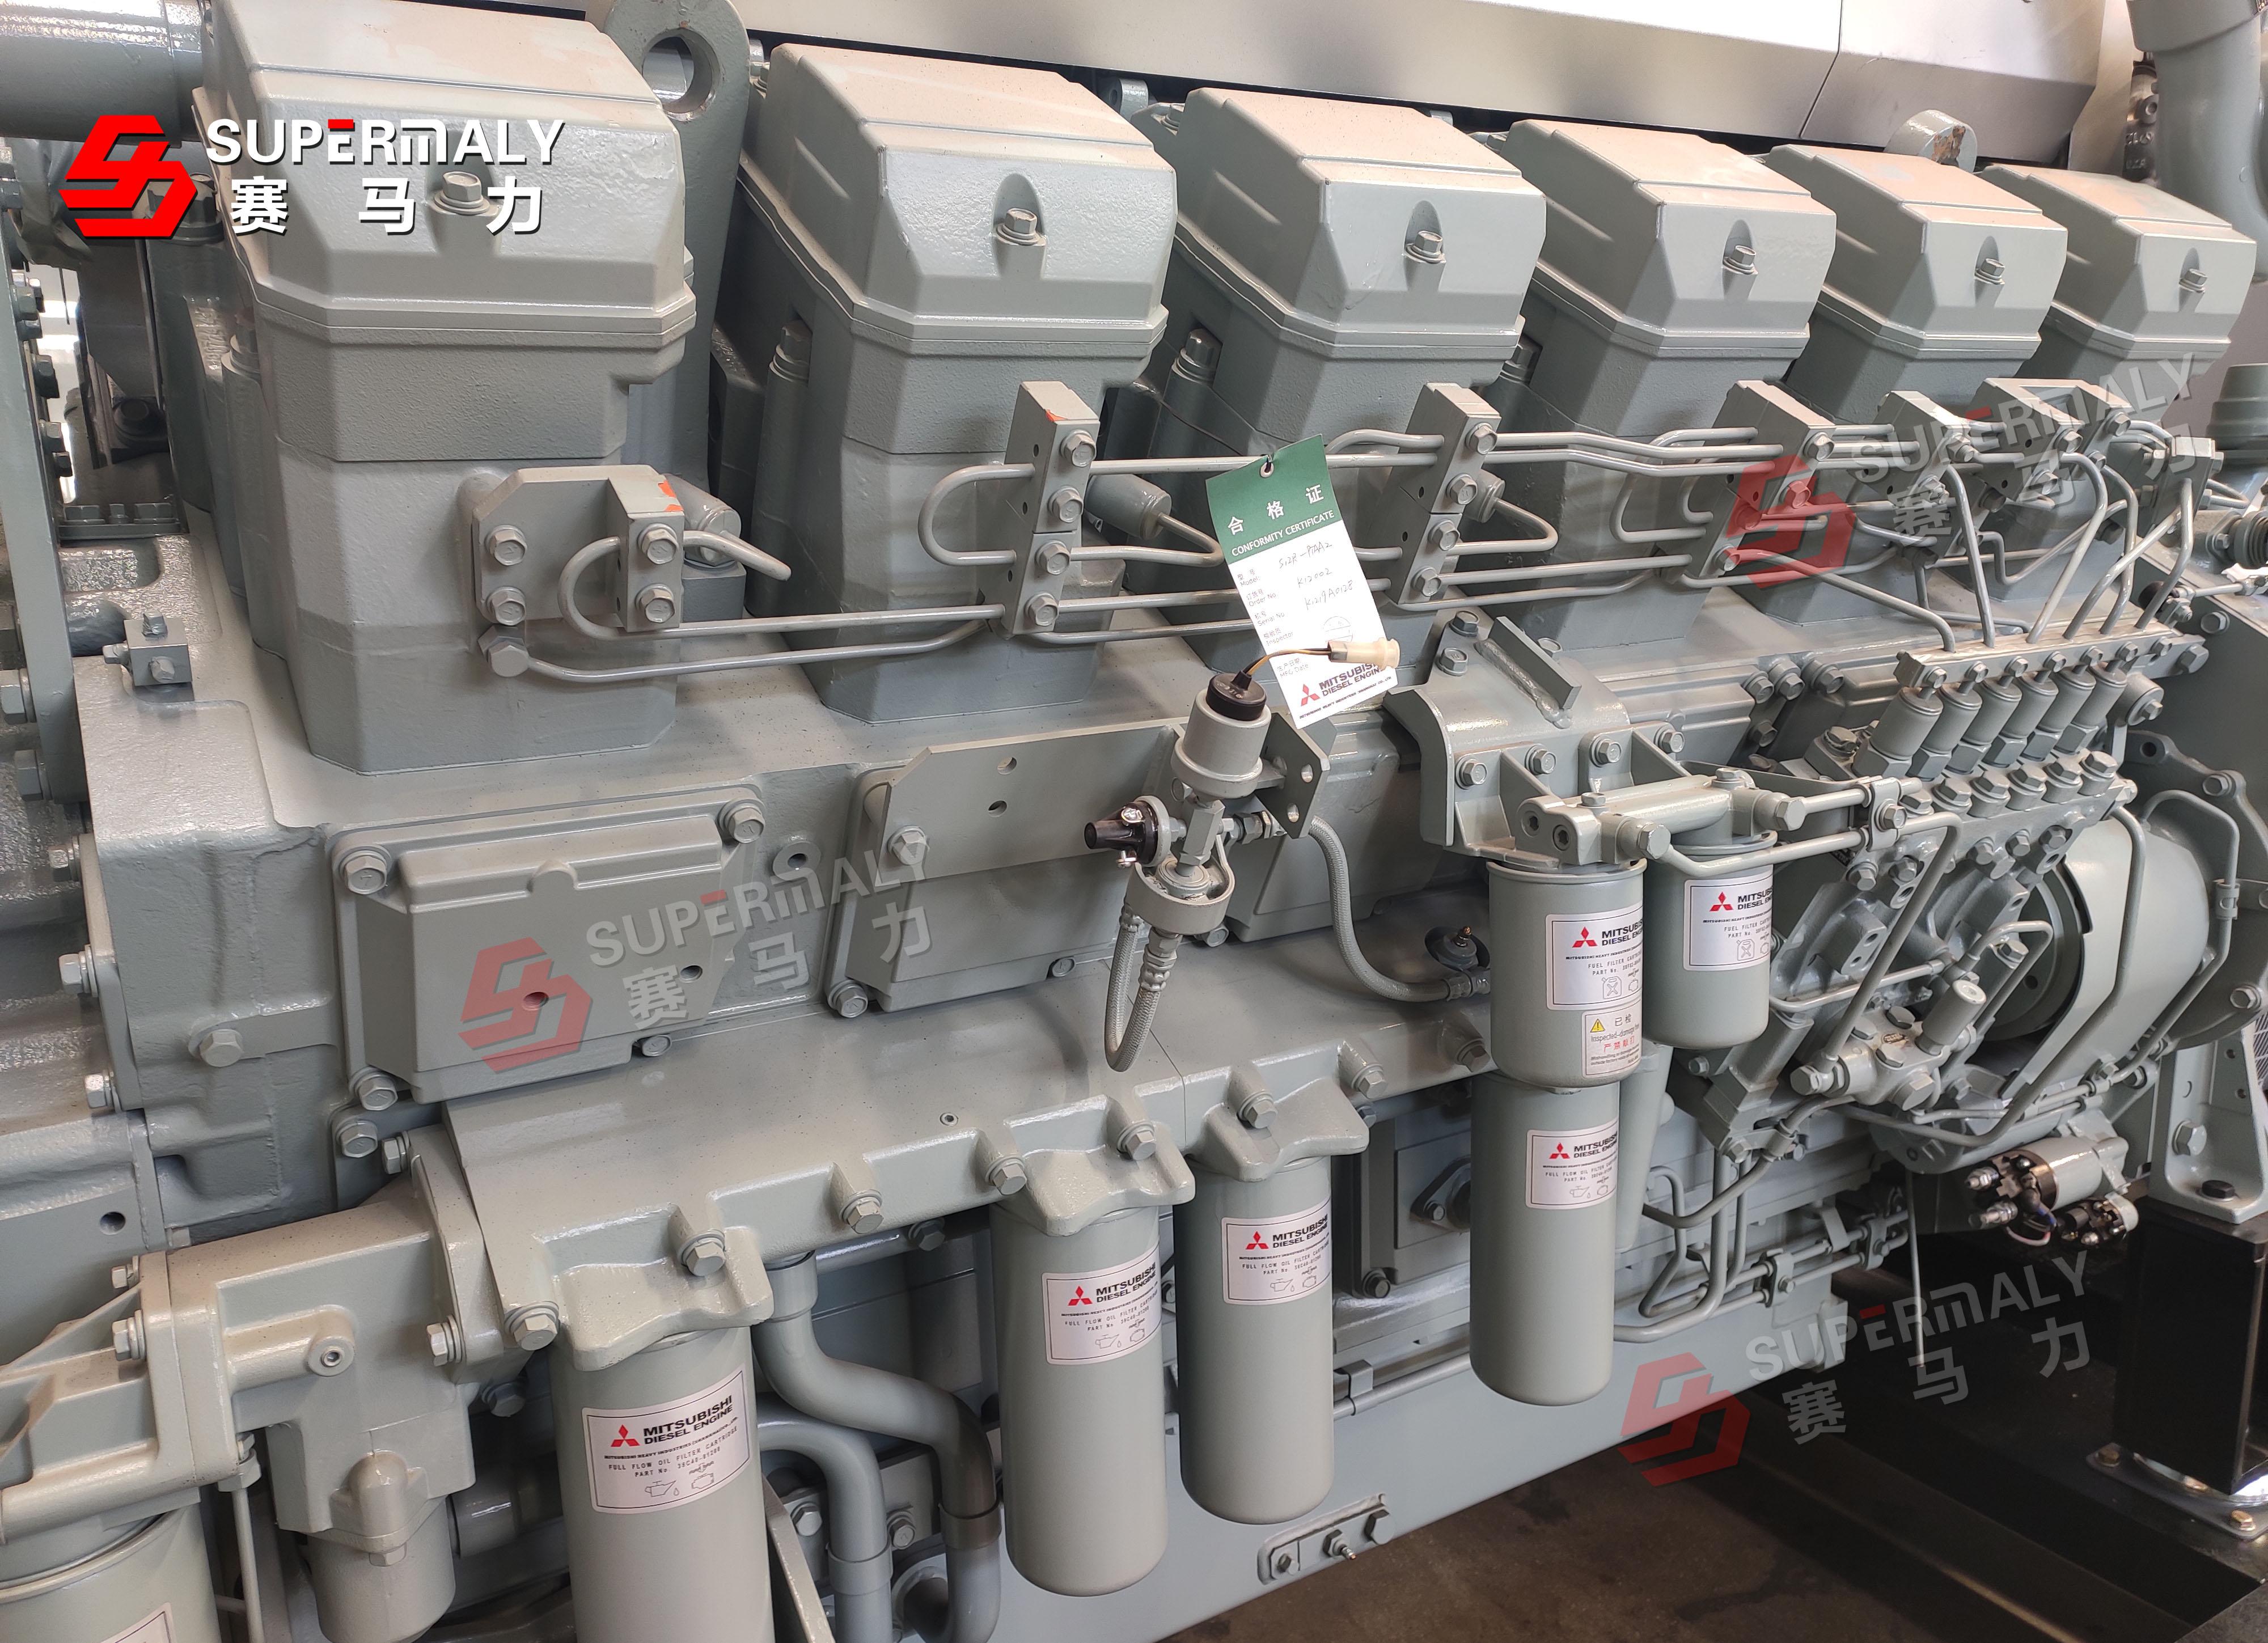 进口三菱柴油发电机组:赛马力1200kw三菱柴油发电机组调试完毕